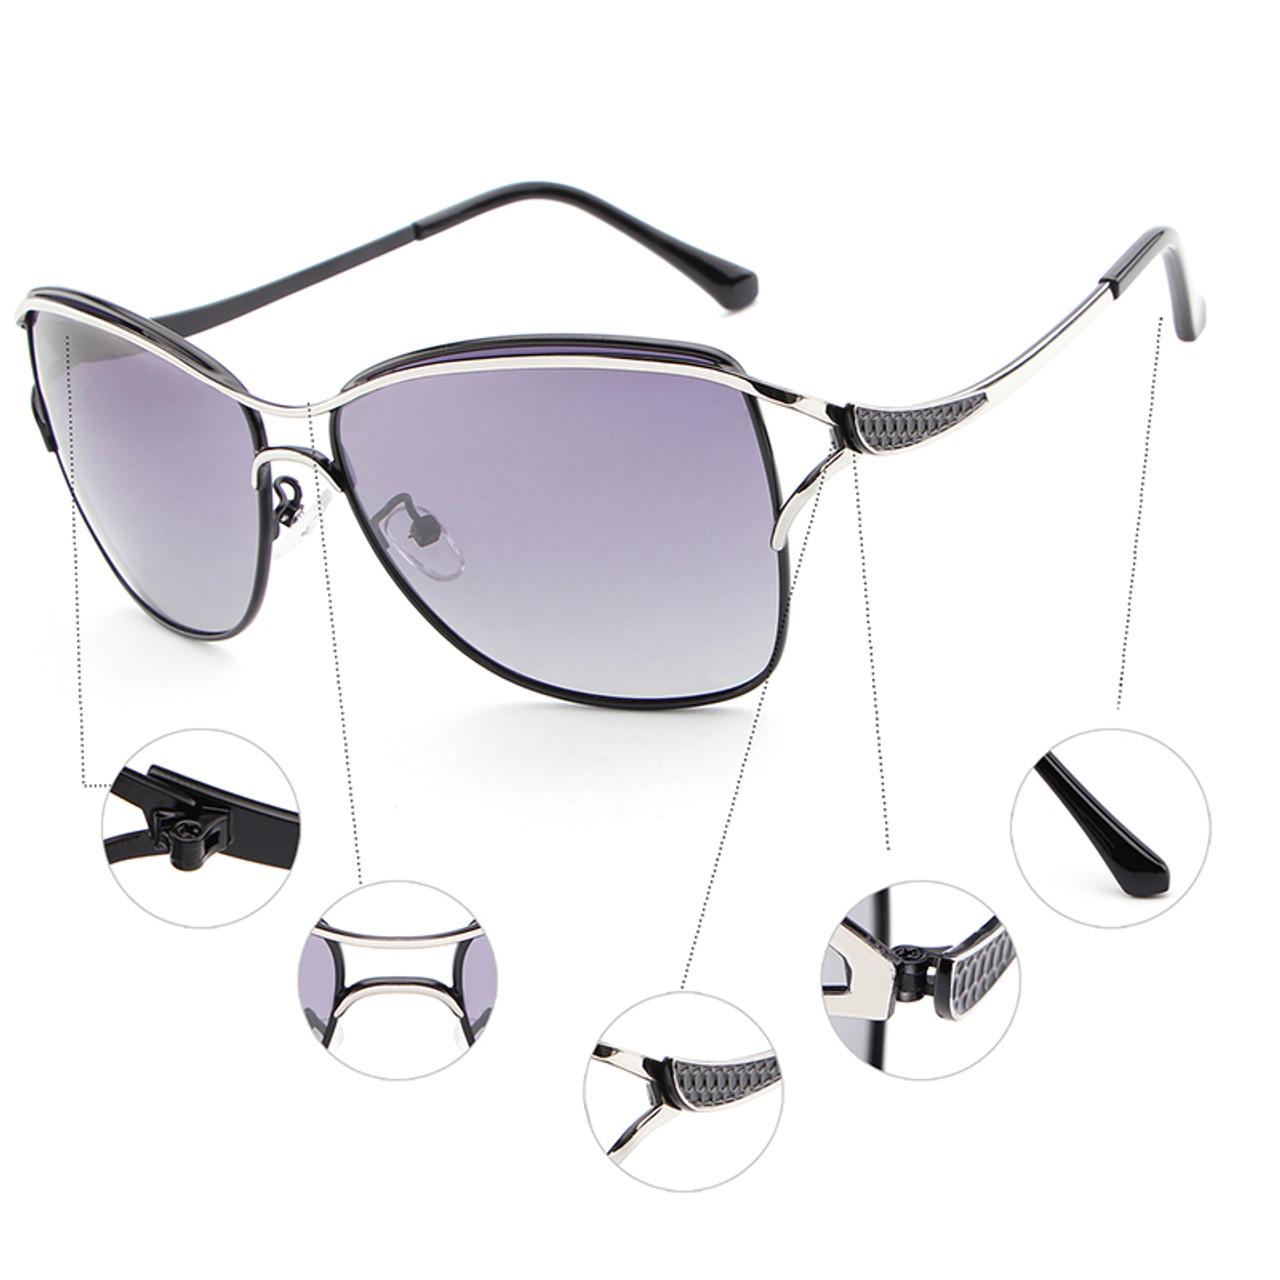 f78114f81a06 ... HDCRAFTER Brand Elegant Fashion Ladies Sunglasses Female Larged-Framed  Polarized Oculos De Sol Eyewear Accessories ...